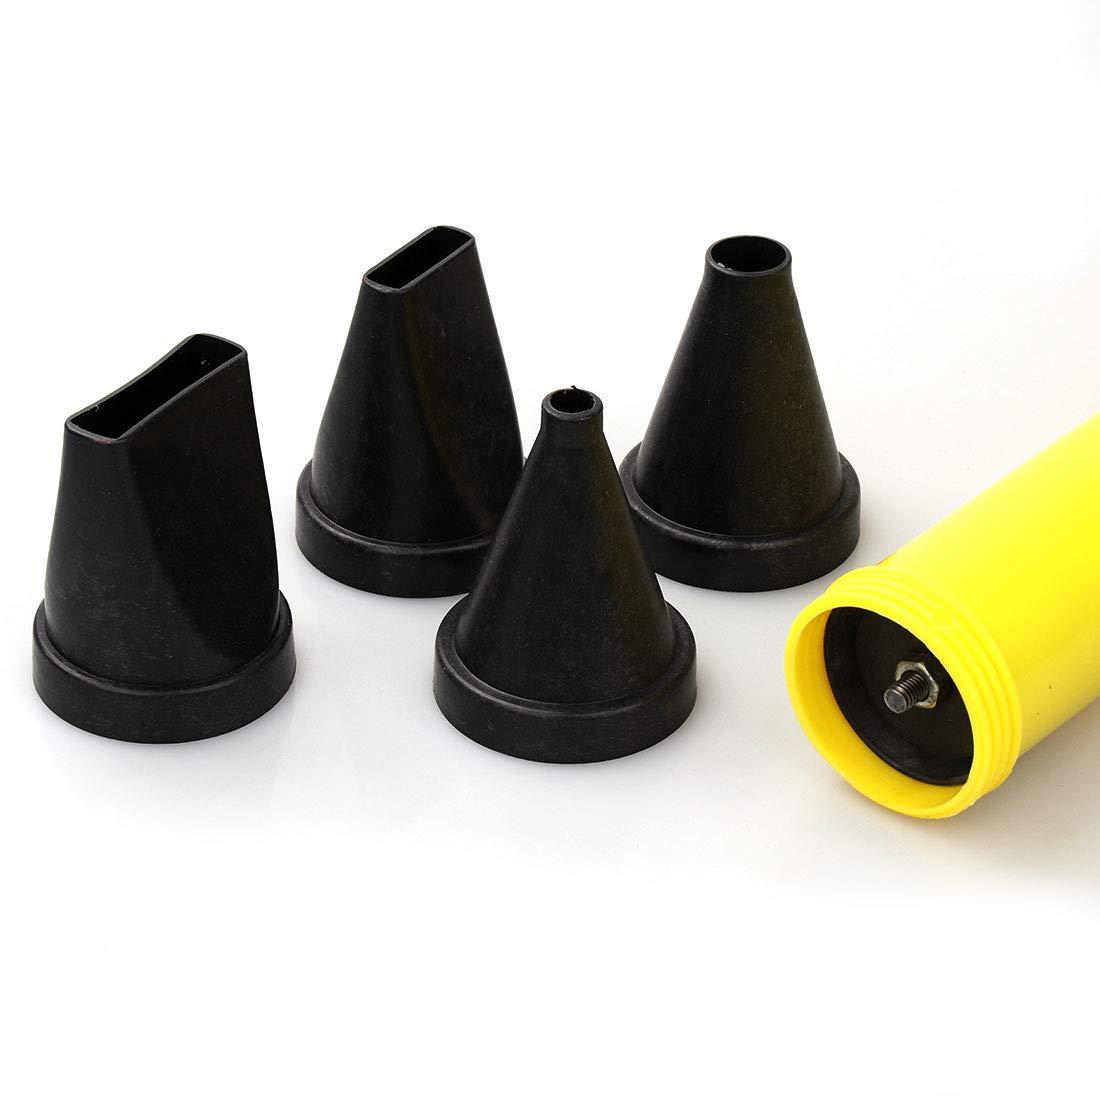 Pistolet /à calfeutrer pointeur Mortier Ciment Citron vert mortier pour d/écoration de maison avec 4 buses